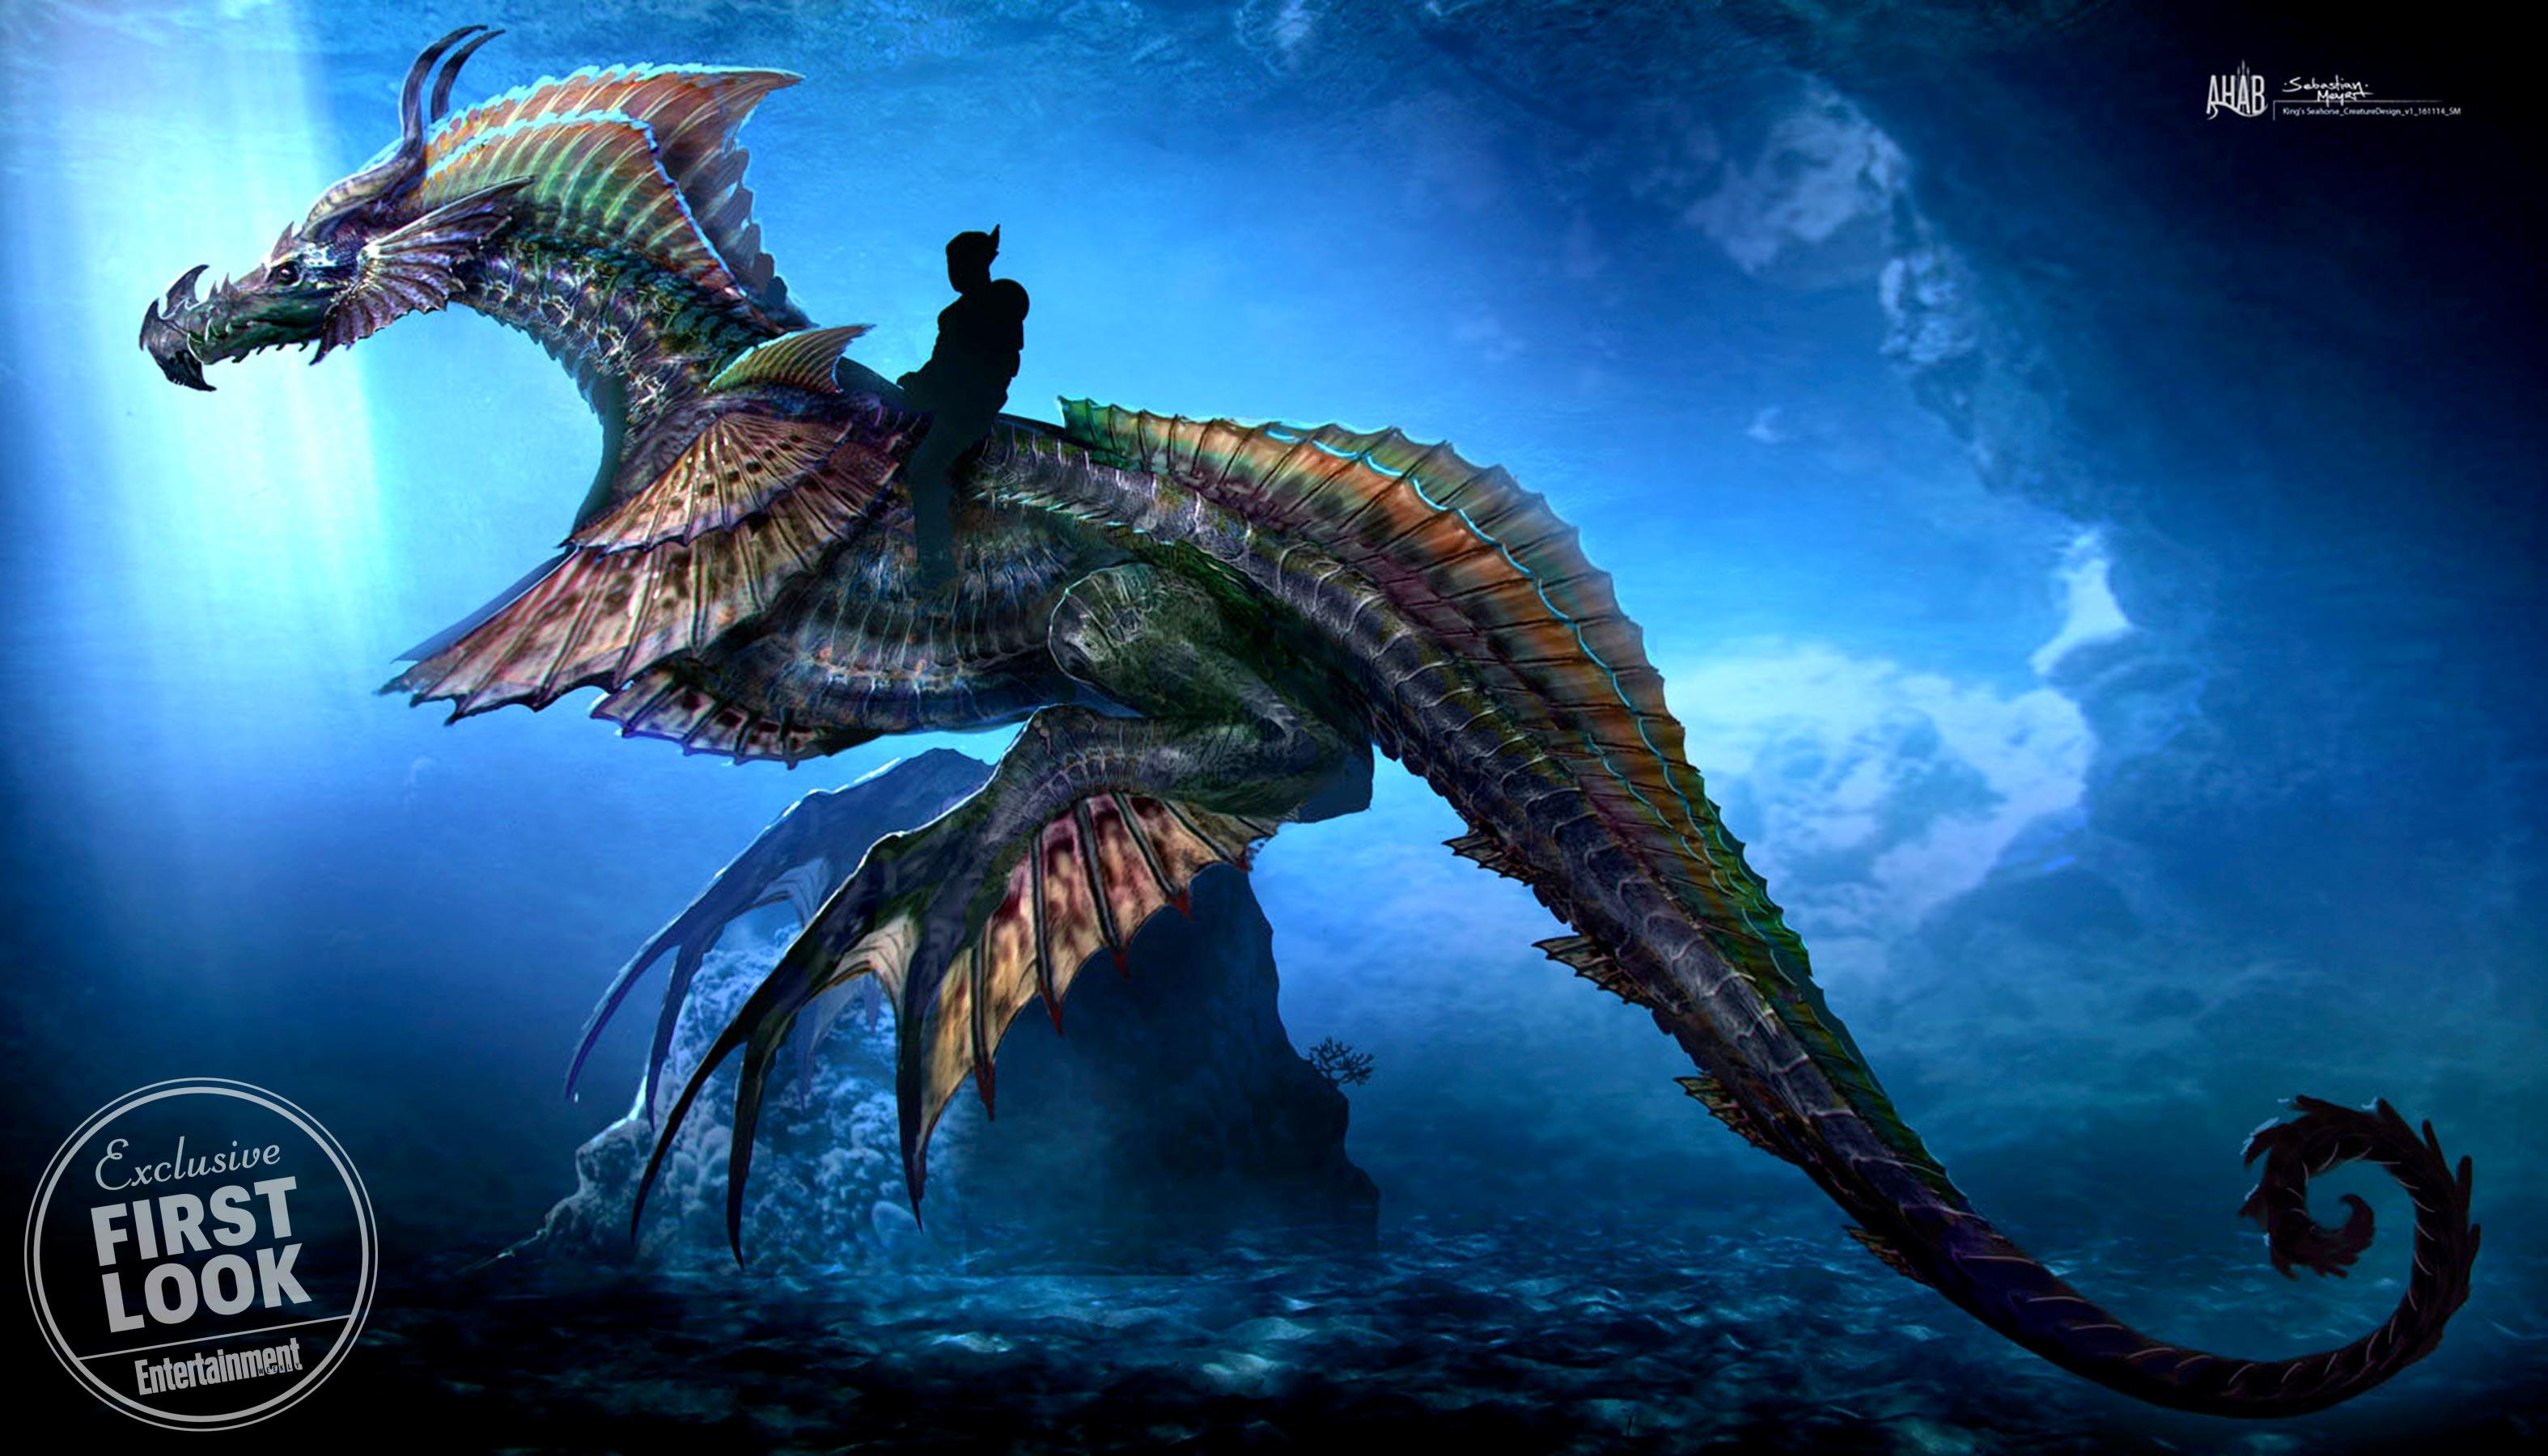 Jason Momoa estampa o primeiro pôster oficial do filme do Aquaman!